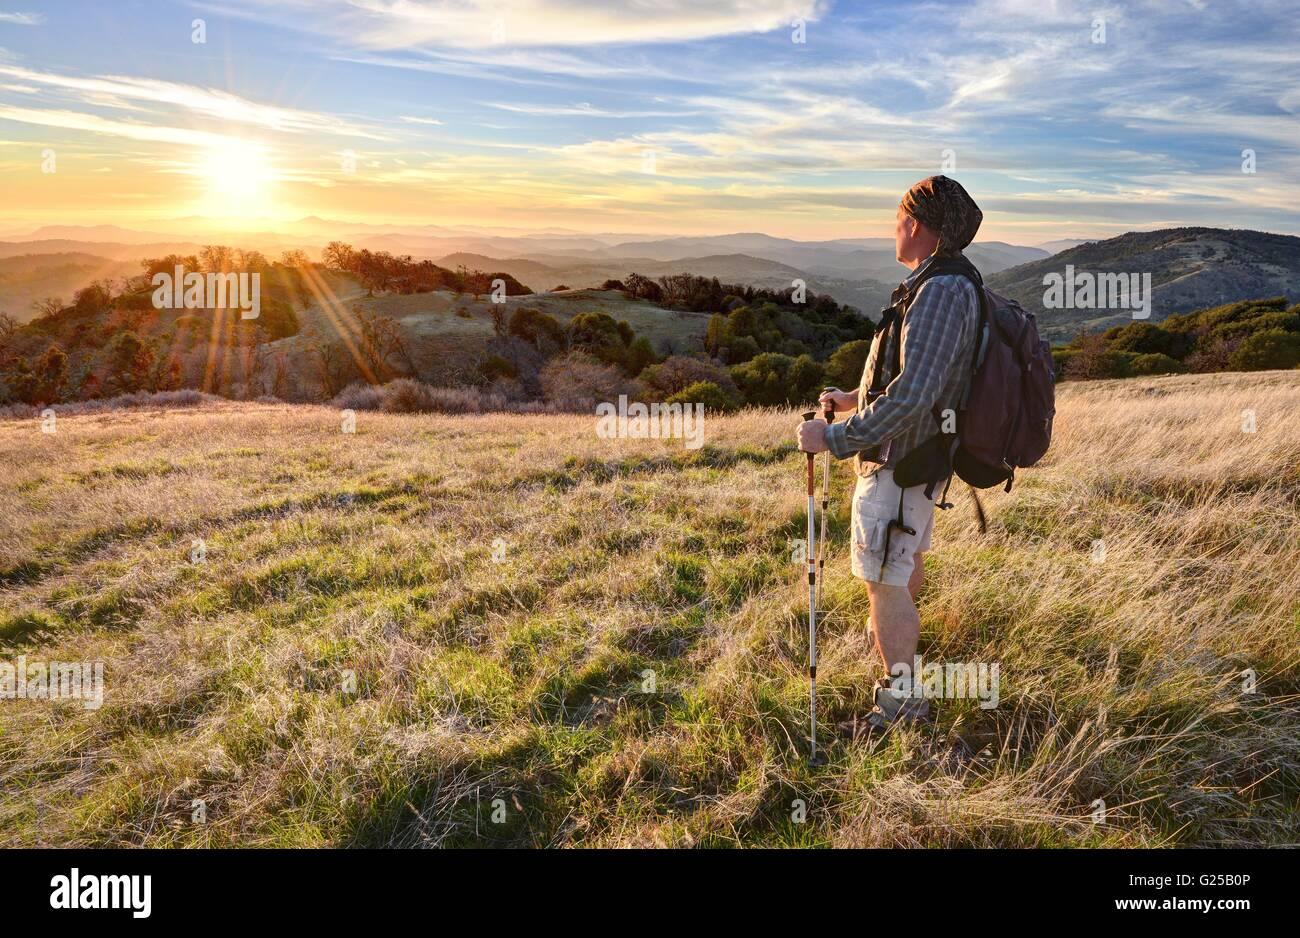 Hombre haciendo senderismo y mirando a la vista, Vulcan Mountain Wilderness Preserve, California, Estados Unidos Foto de stock